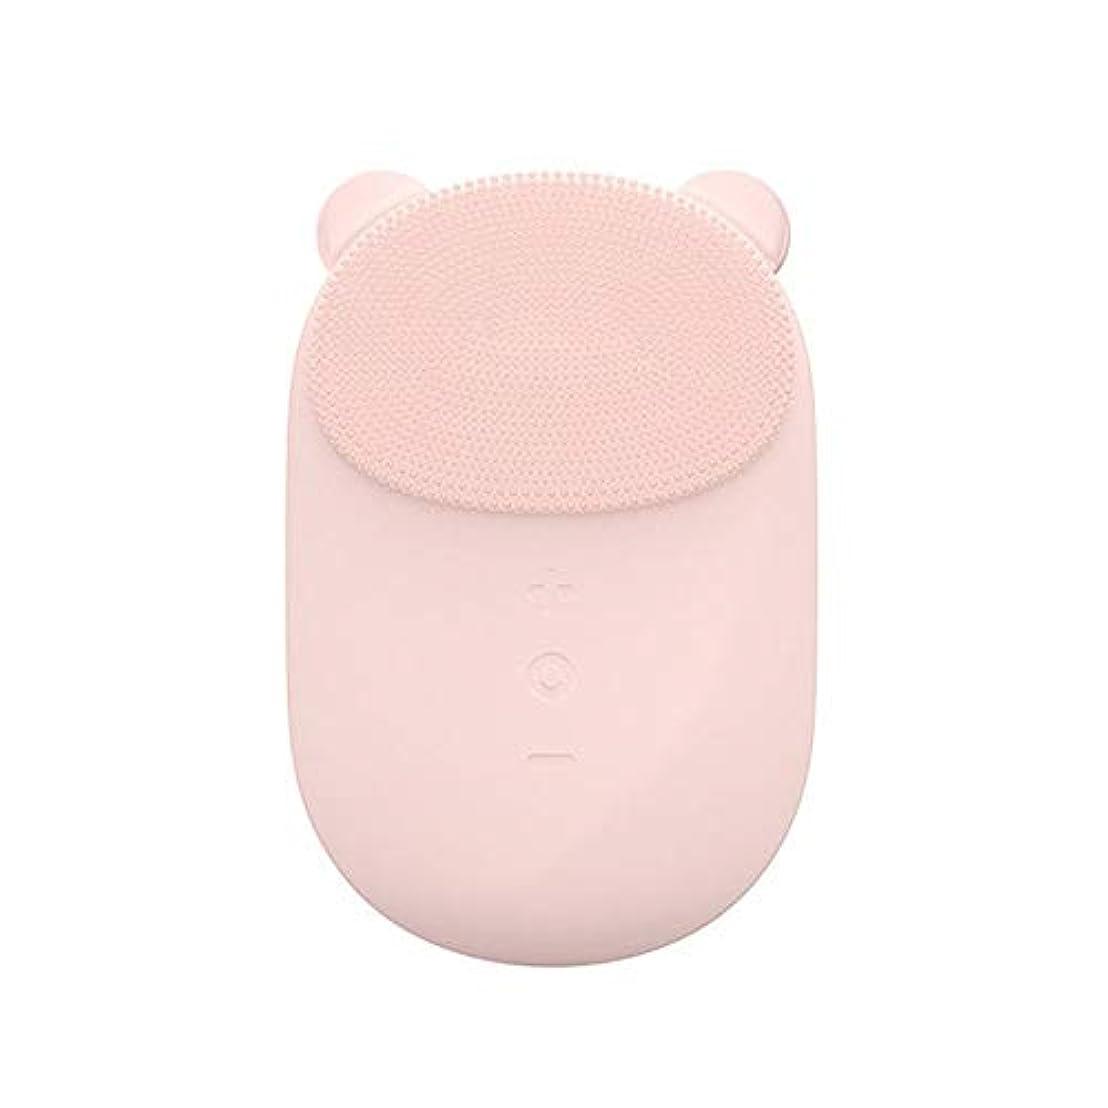 酸度爆弾ロードブロッキング洗顔ブラシ すべての肌のアンチエイジングフェイシャル剥離のためのフェイシャルクレンジングブラシフェース振動マッサージャー充電式ディープクリーニング ディープクレンジングスキンケア用 (色 : ピンク, サイズ : 10.6...